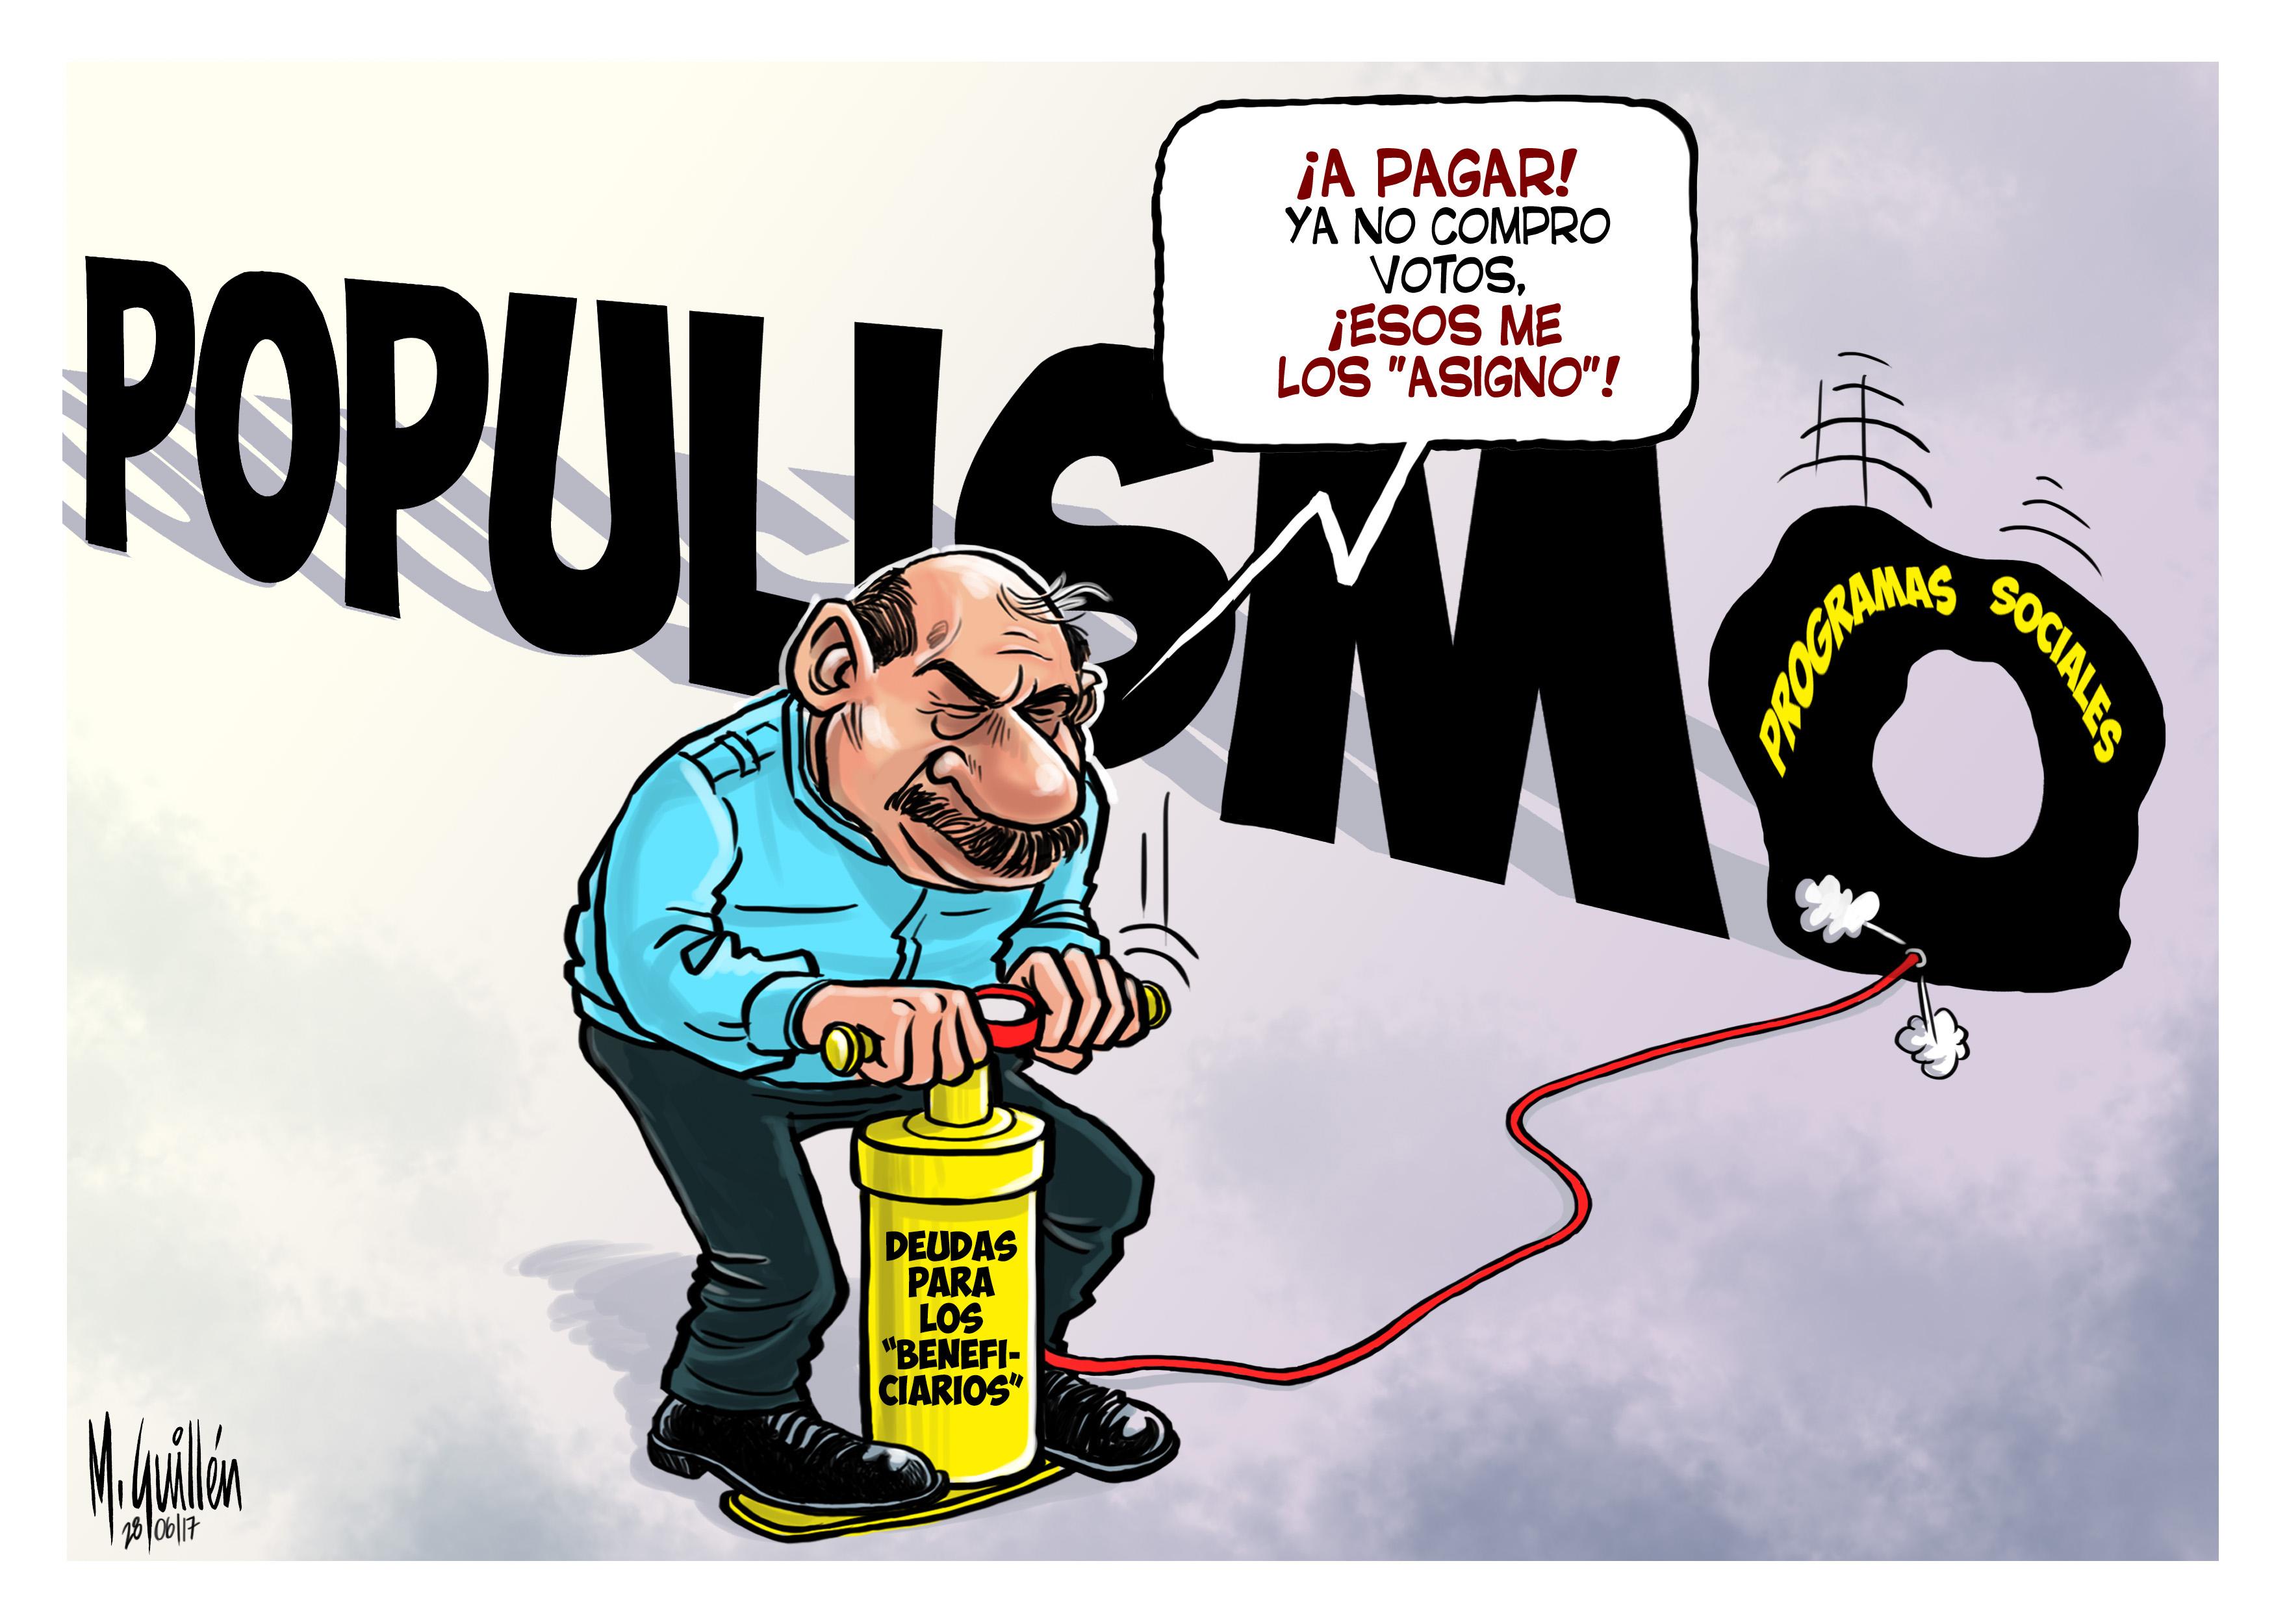 Daniel Ortega, populismo, programas sociales